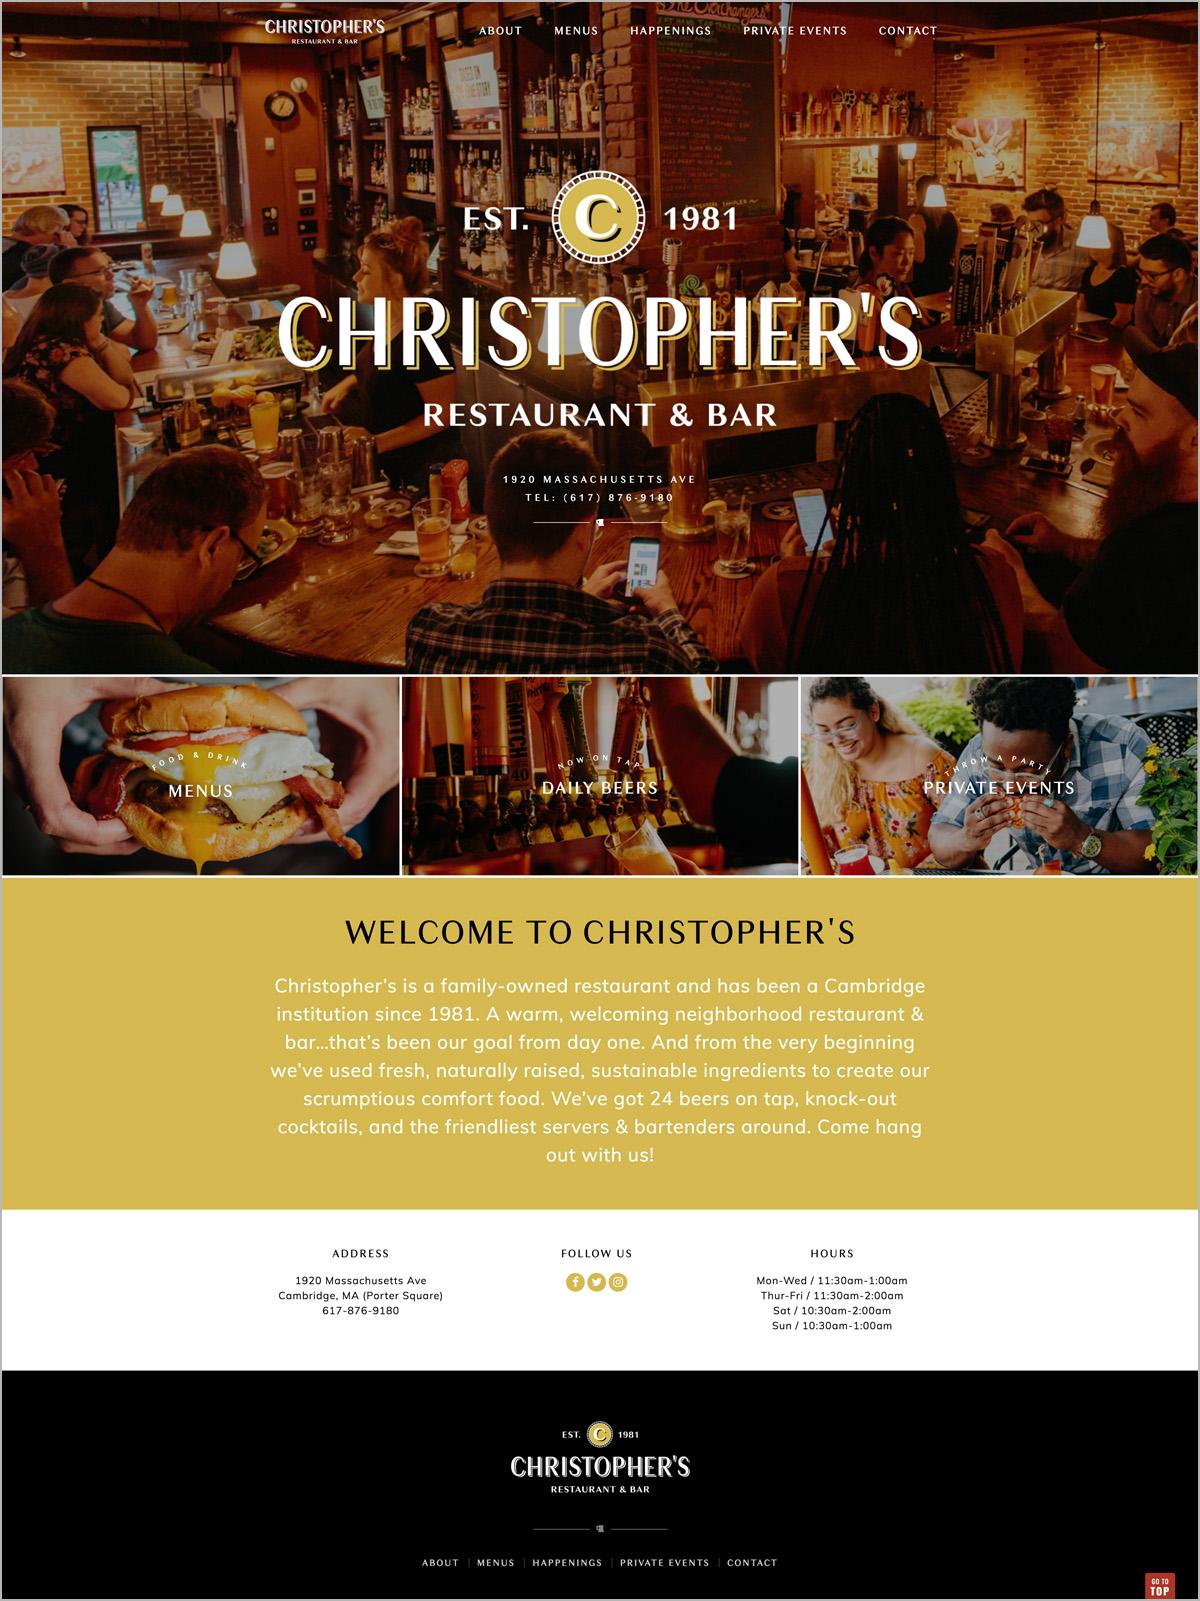 Christophers-Website-Homepage.jpg